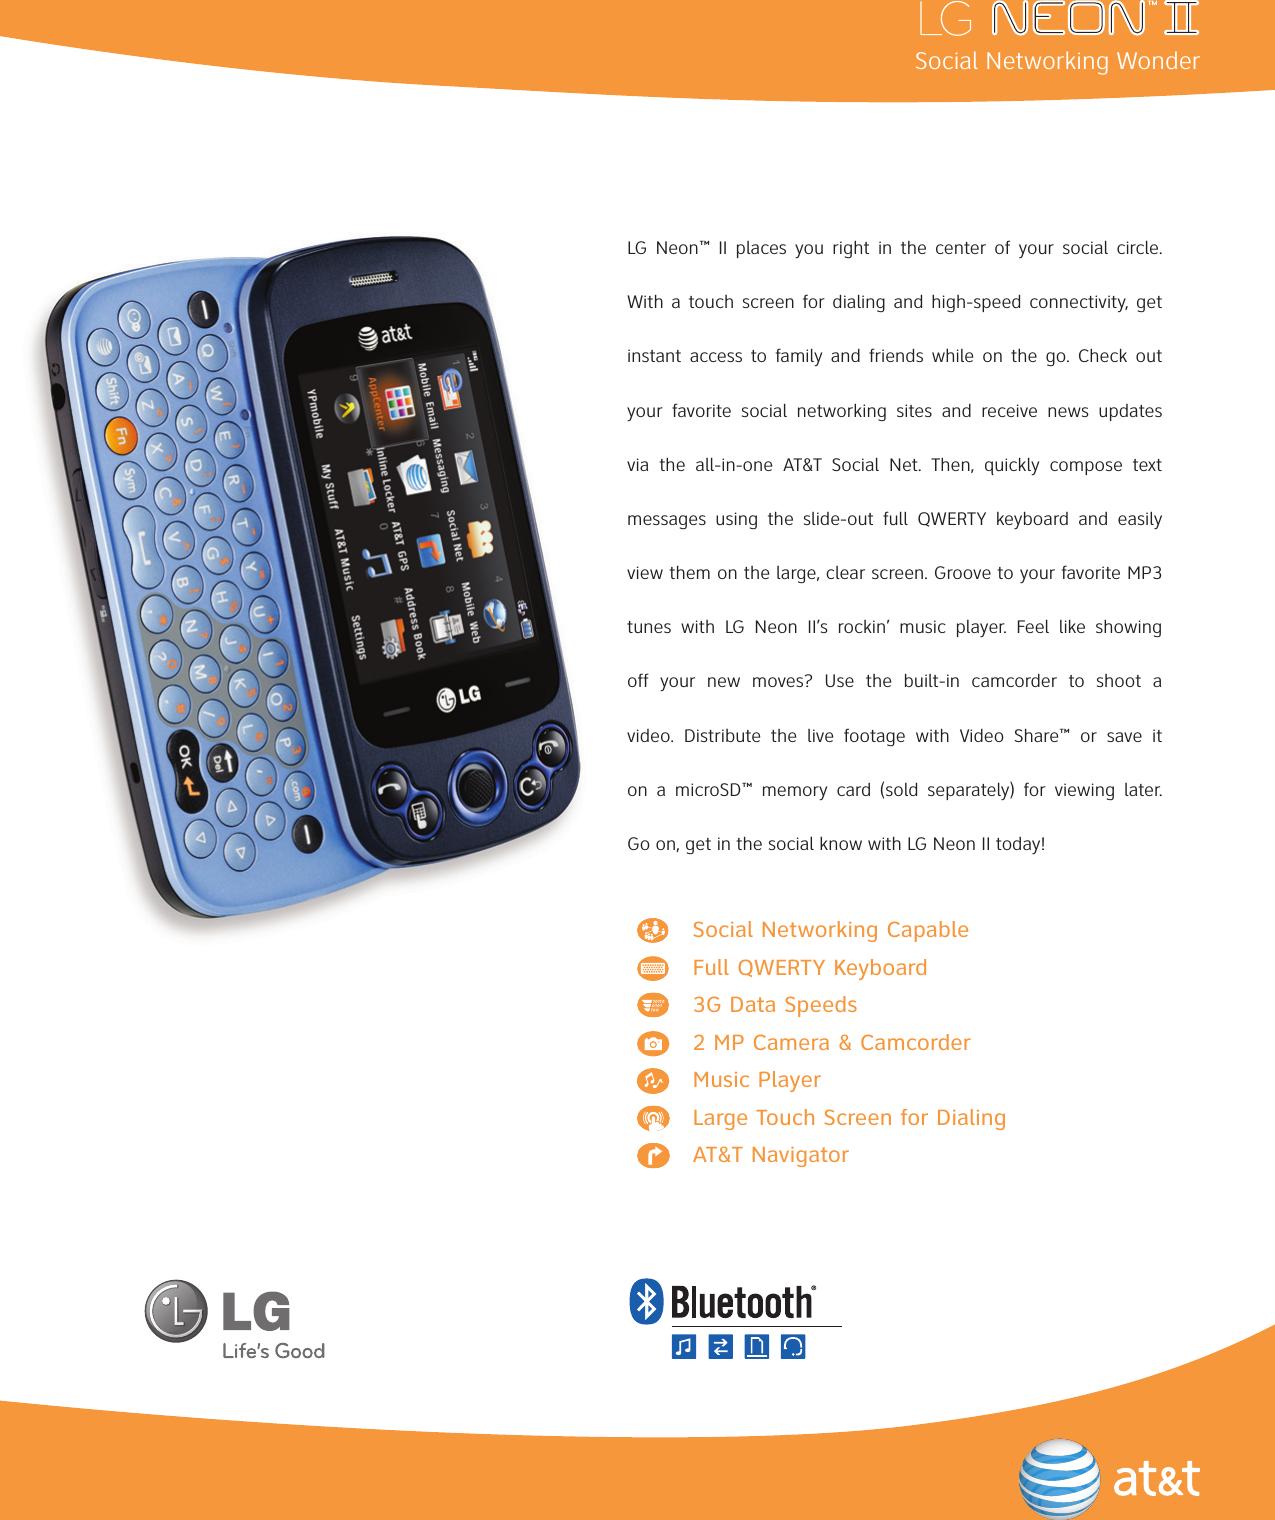 lg gw370 user manual data sheet neon ii datasheet rh usermanual wiki LG Owner's Manual LG Owner's Manual